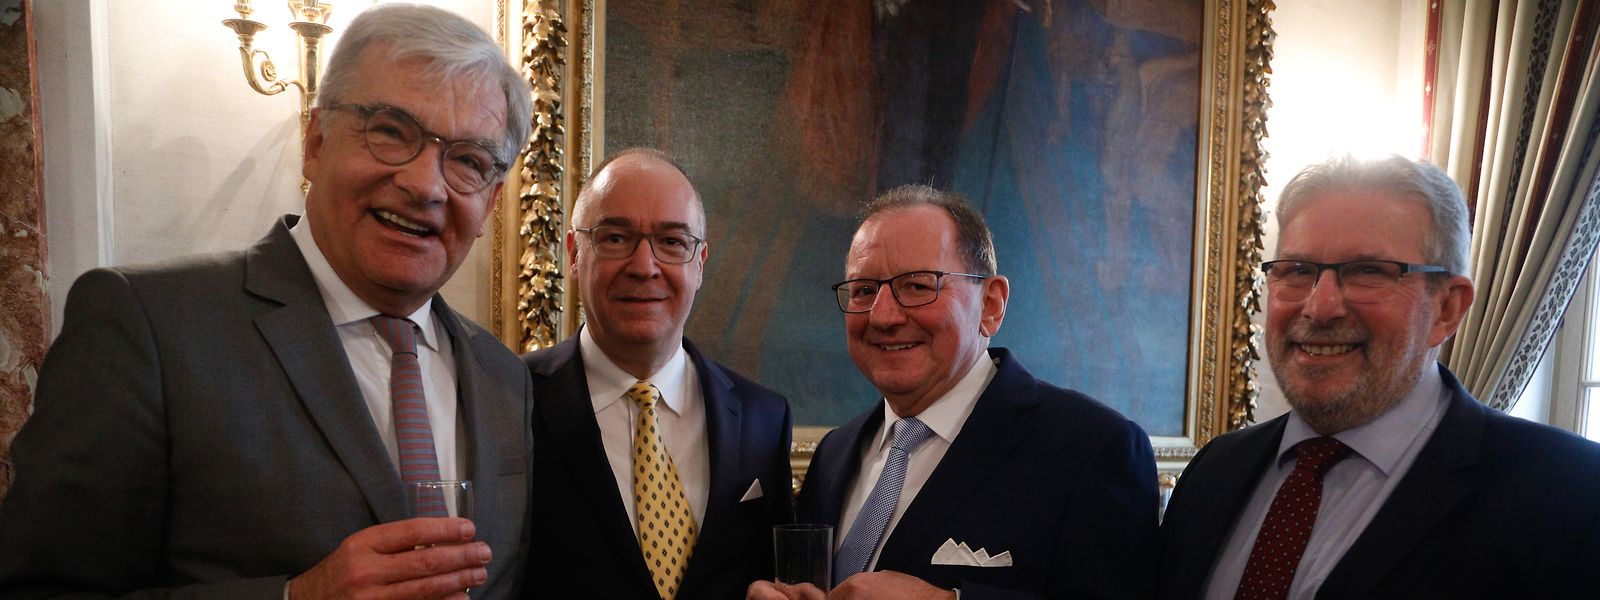 Claude Frieseisen mit Chamberpräsident Fernand Etgen (Zweiter und Dritter von links) und dessen Amtsvorgängern Mars di Bartolomeo (rechts) sowie Laurent Mosar (links).